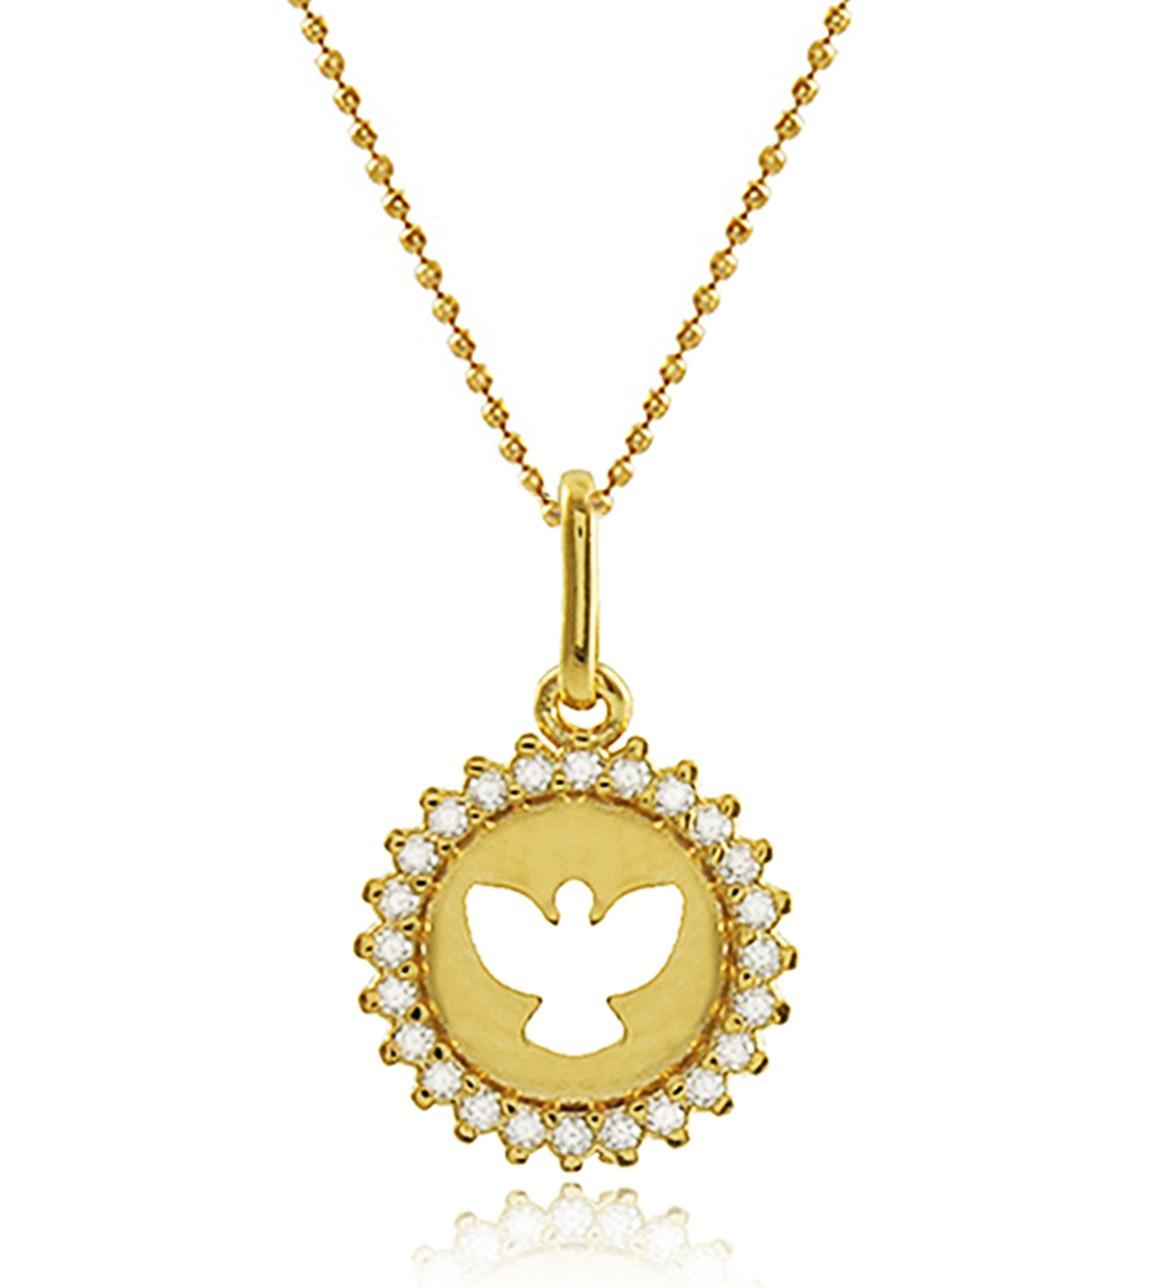 Colar Corrente Espírito Santo Dourado Duquesa Semi joia